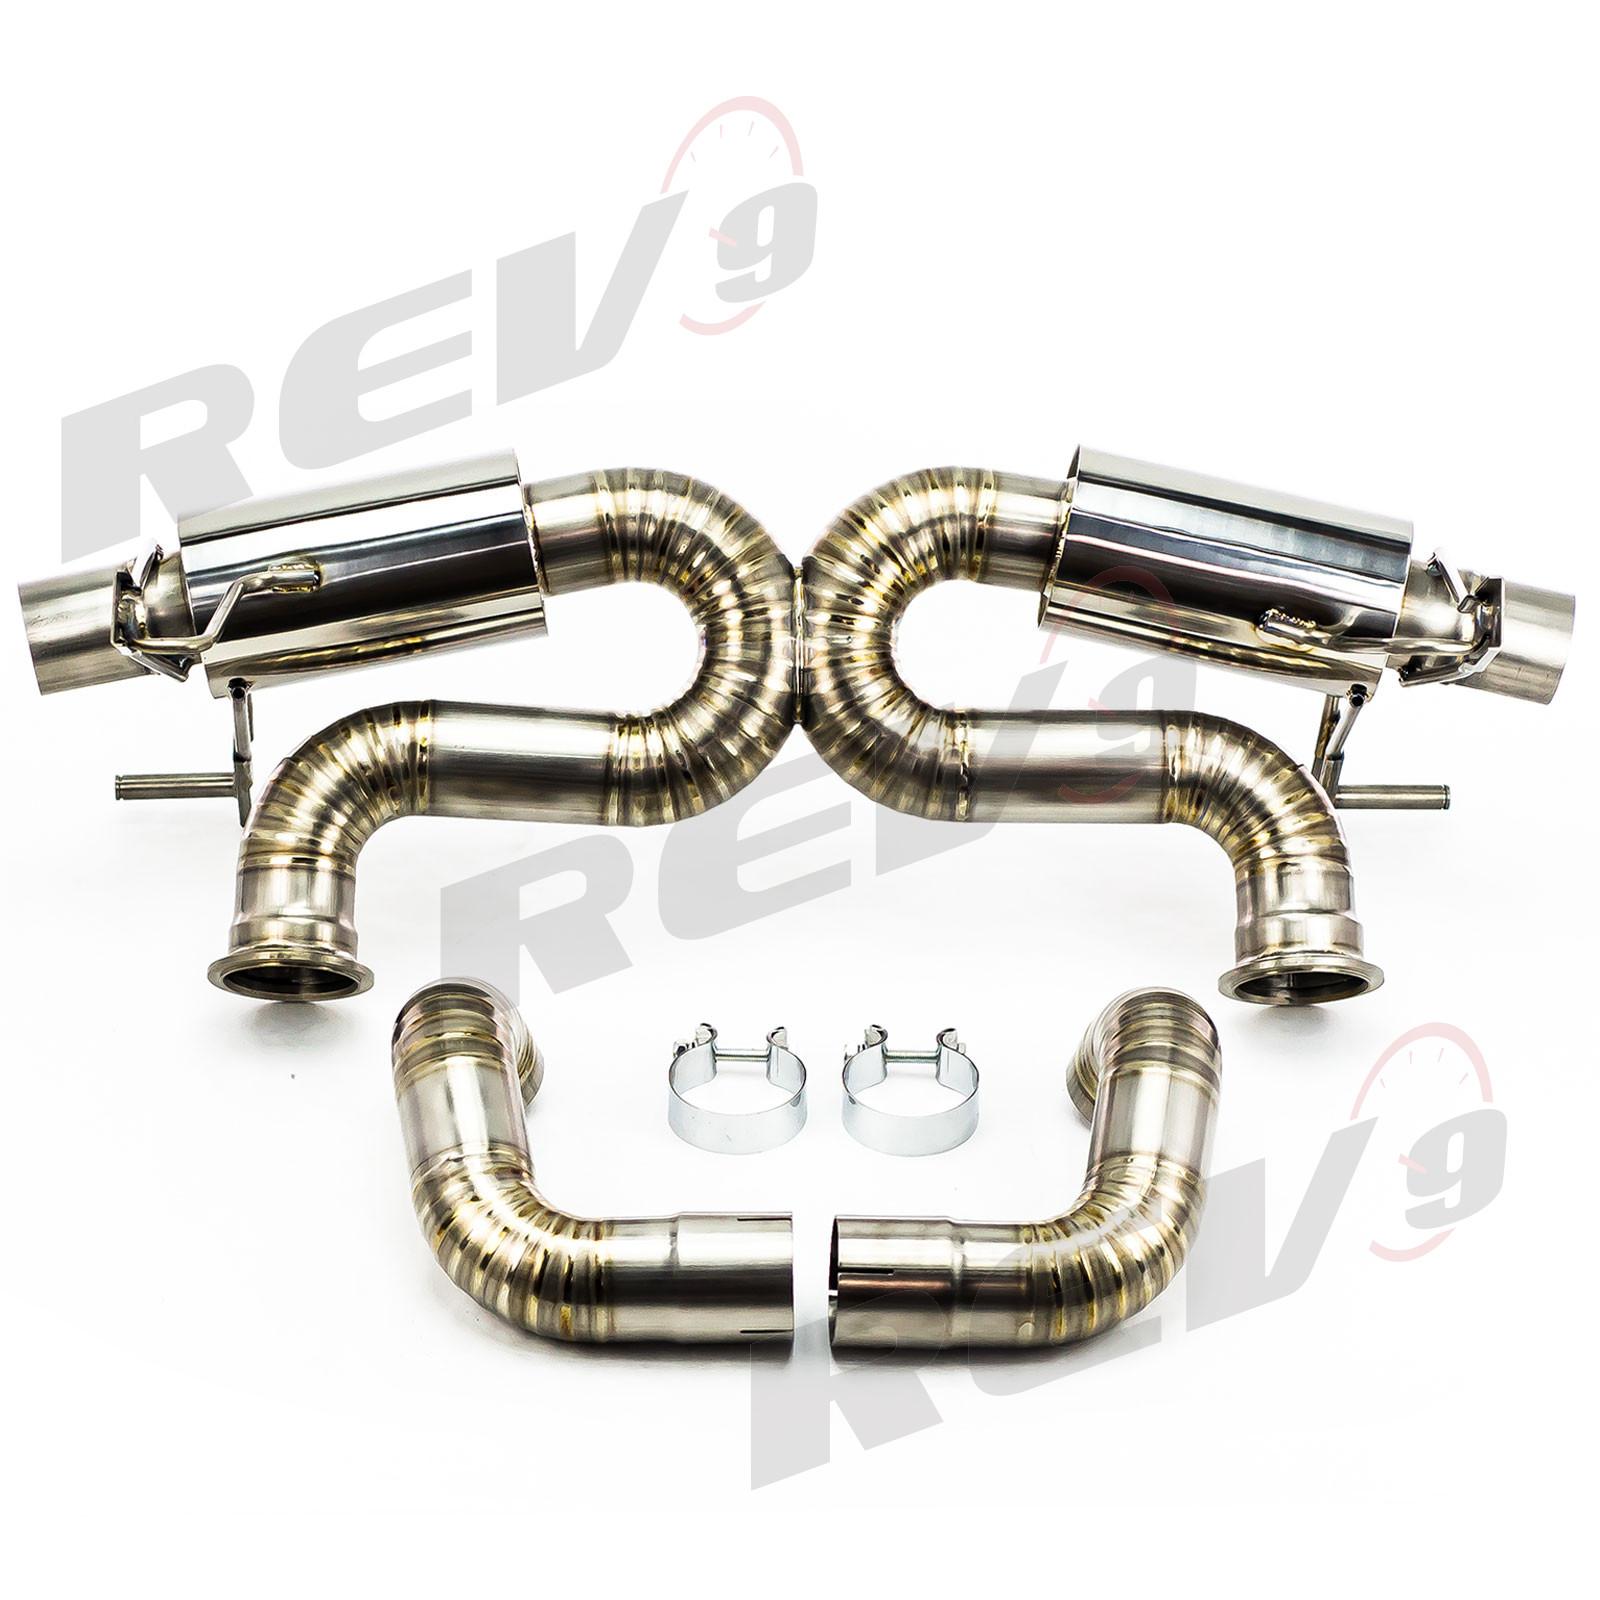 Rev9Power: Cat-Back Exhaust, Titanium, 3 Inch, Audi R8 5